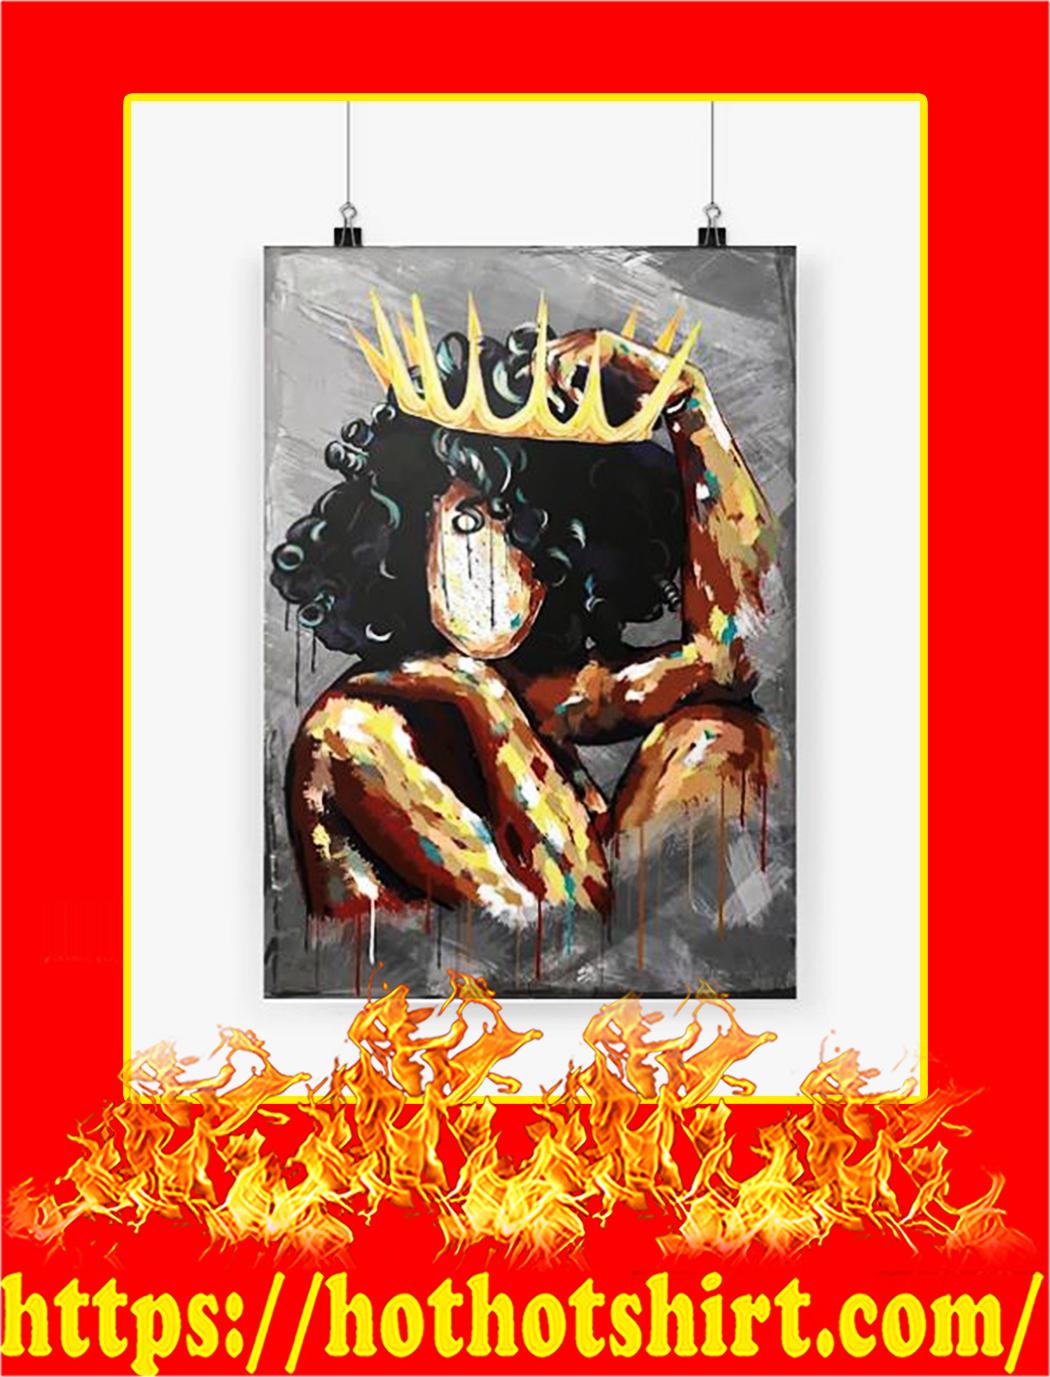 Black Queen Vertical Poster - A2